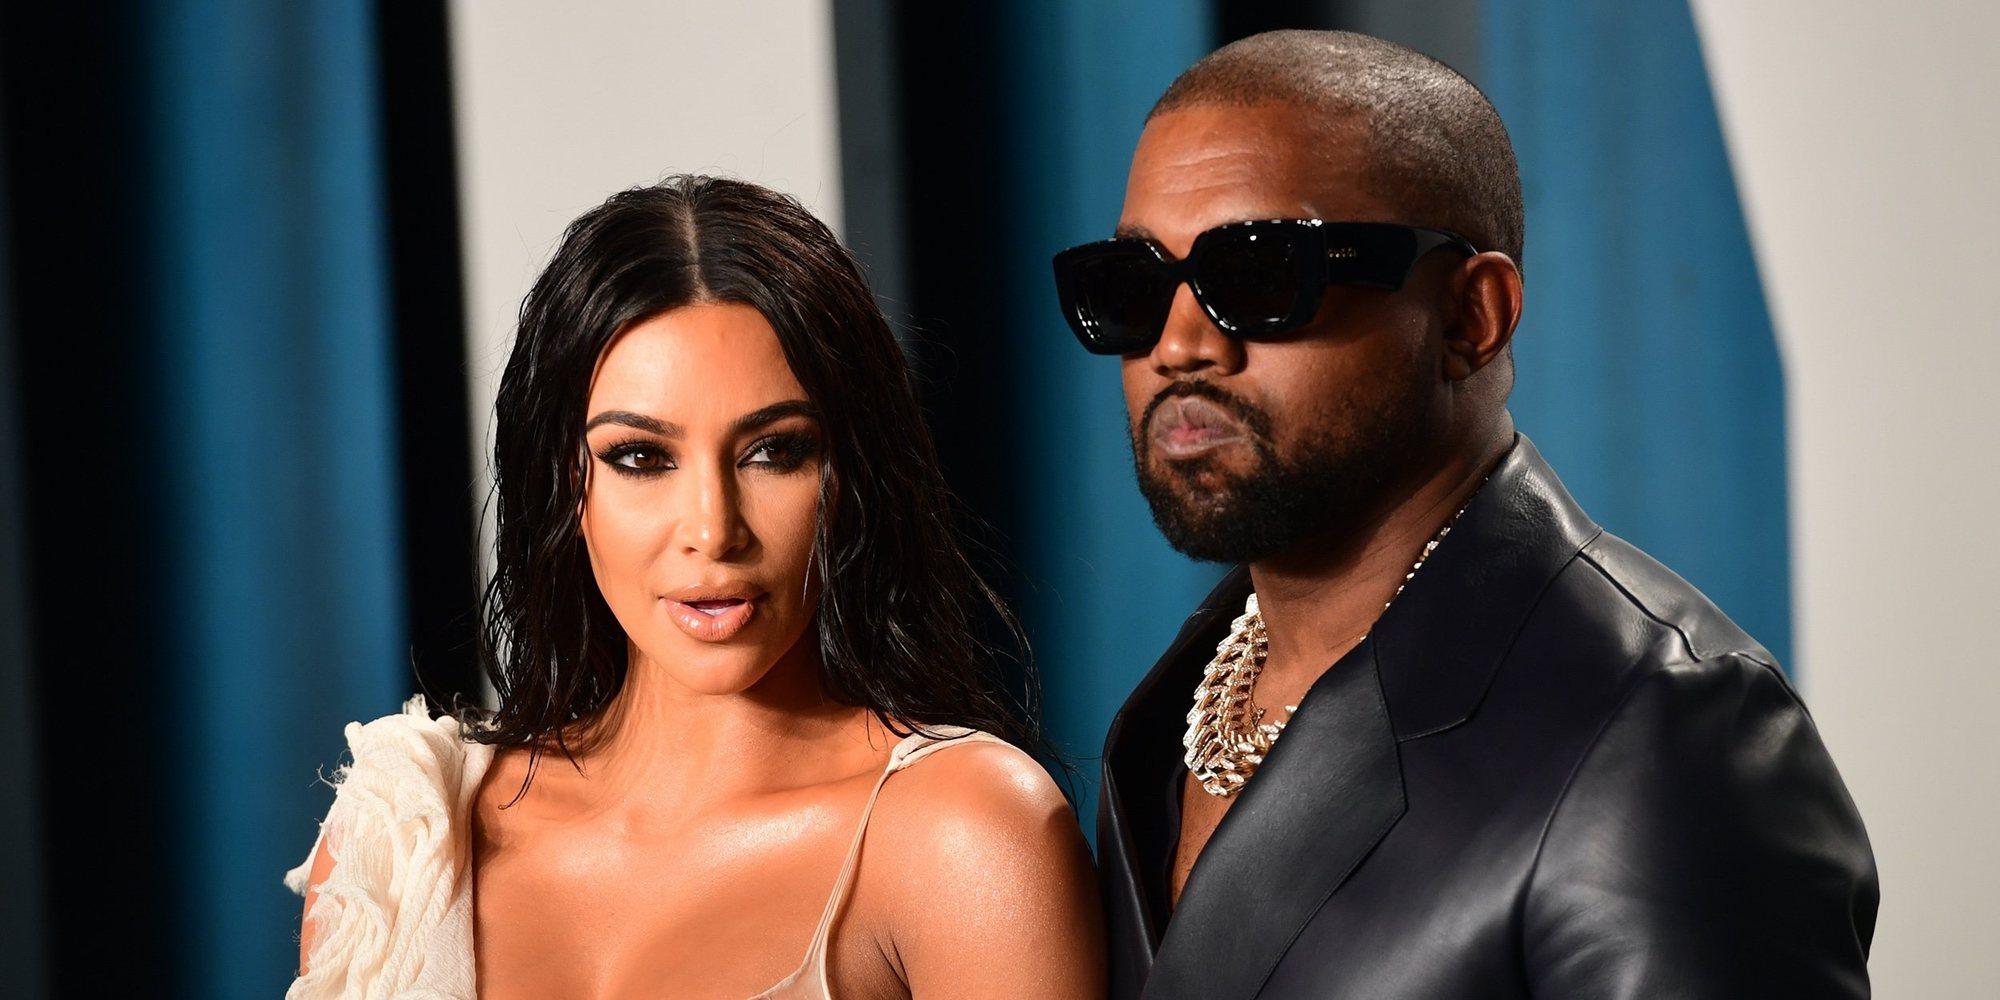 El millonario acuerdo prenupcial de Kim Kardashian y Kanye West que prácticamente se ha quedado obsoleto